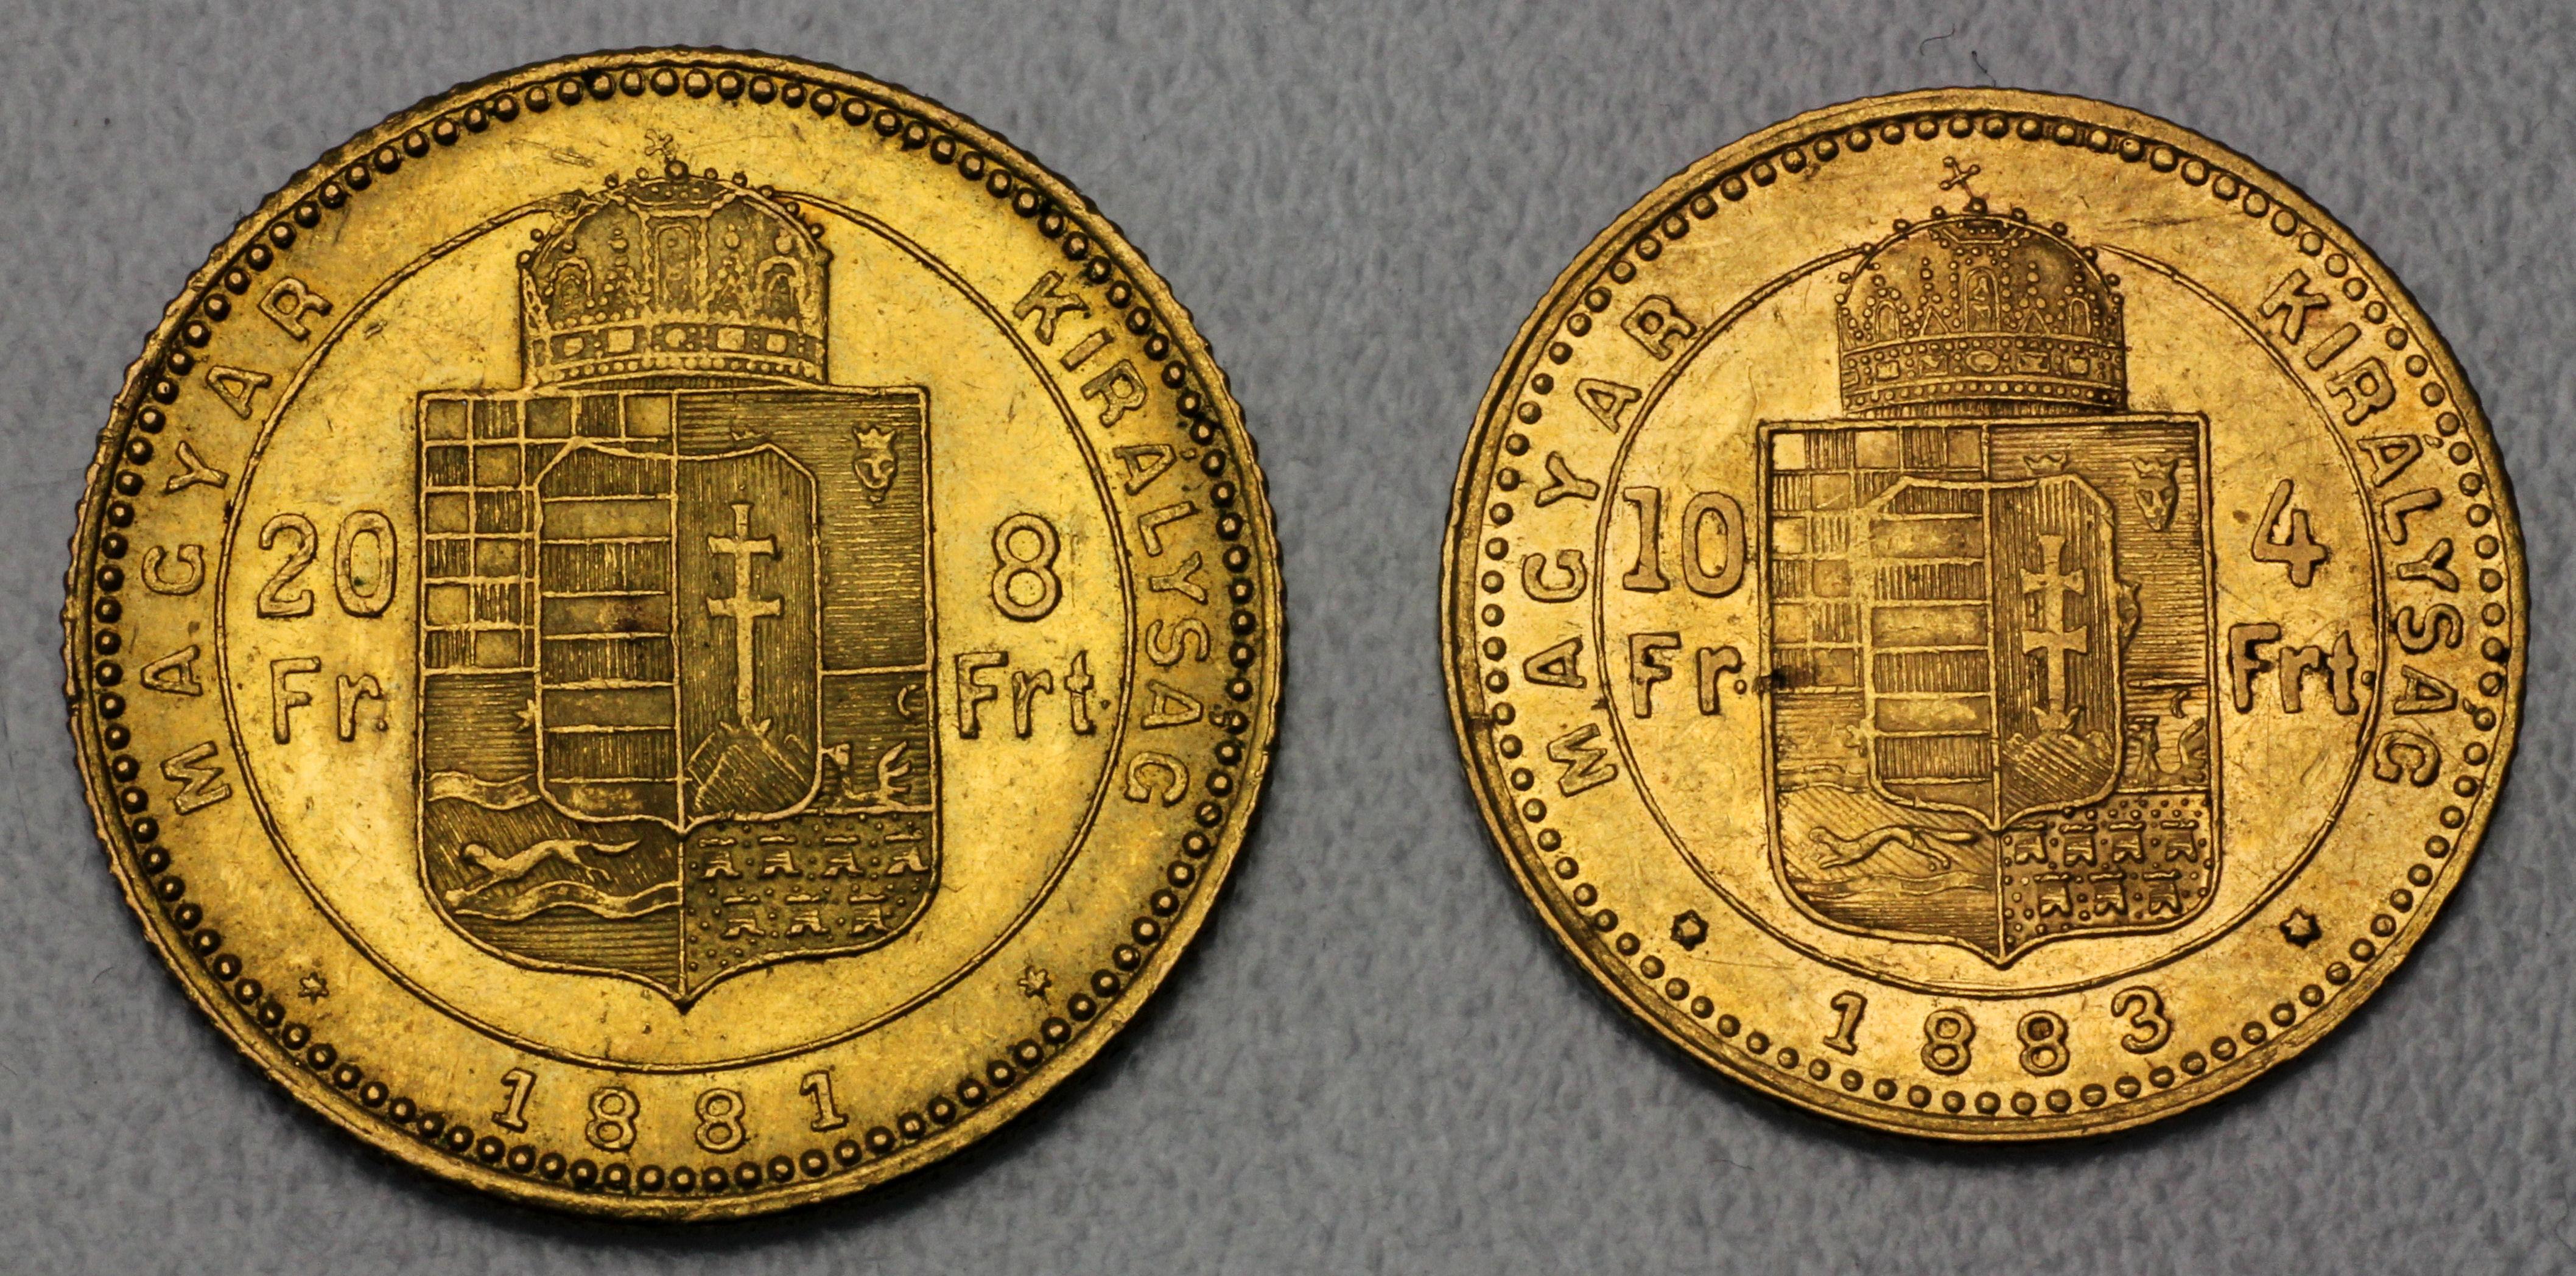 4 florin und 8 florin gulden goldm nzen wert